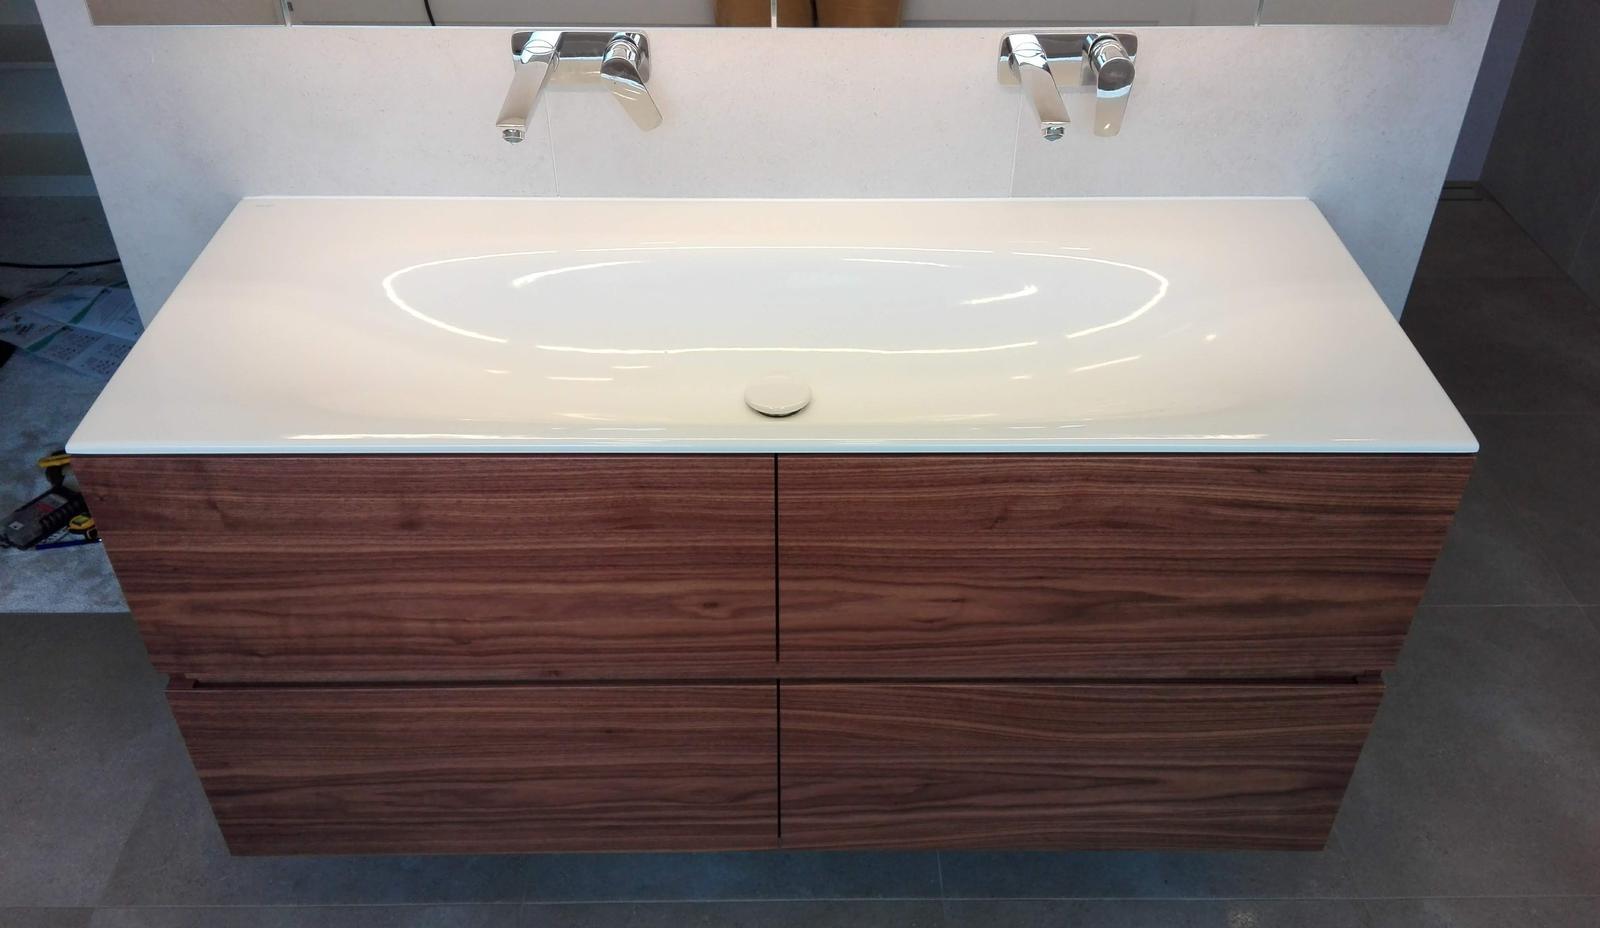 Dizajn a výroba nábytku na mieru Cubica - Kúpeľňová skrinka pod umývadlo na mieru - dýha orech americký - design a výroba cubica